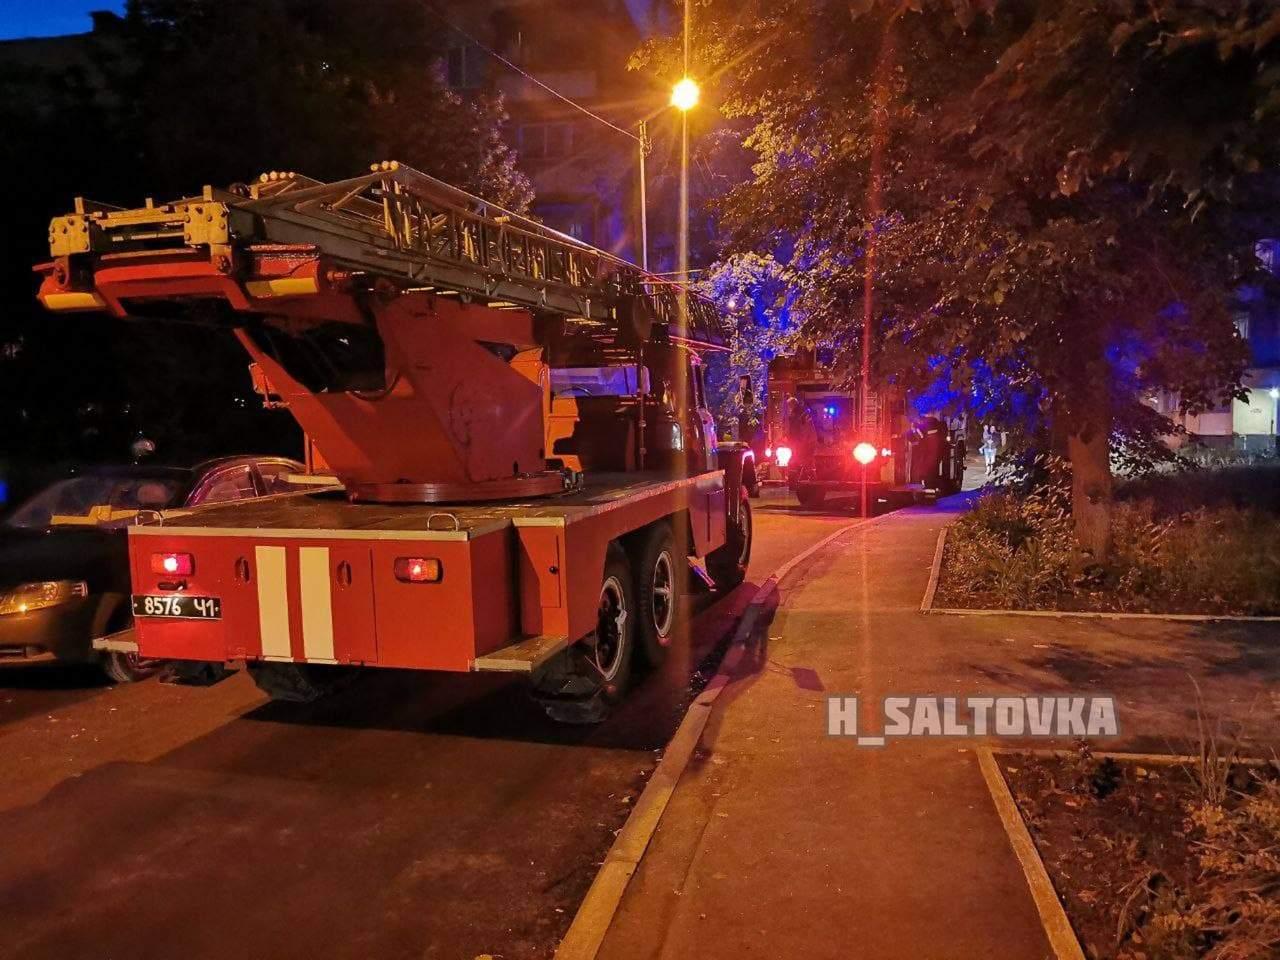 Пожежа, Харків, Тракторобудівників, 12 червня 2021